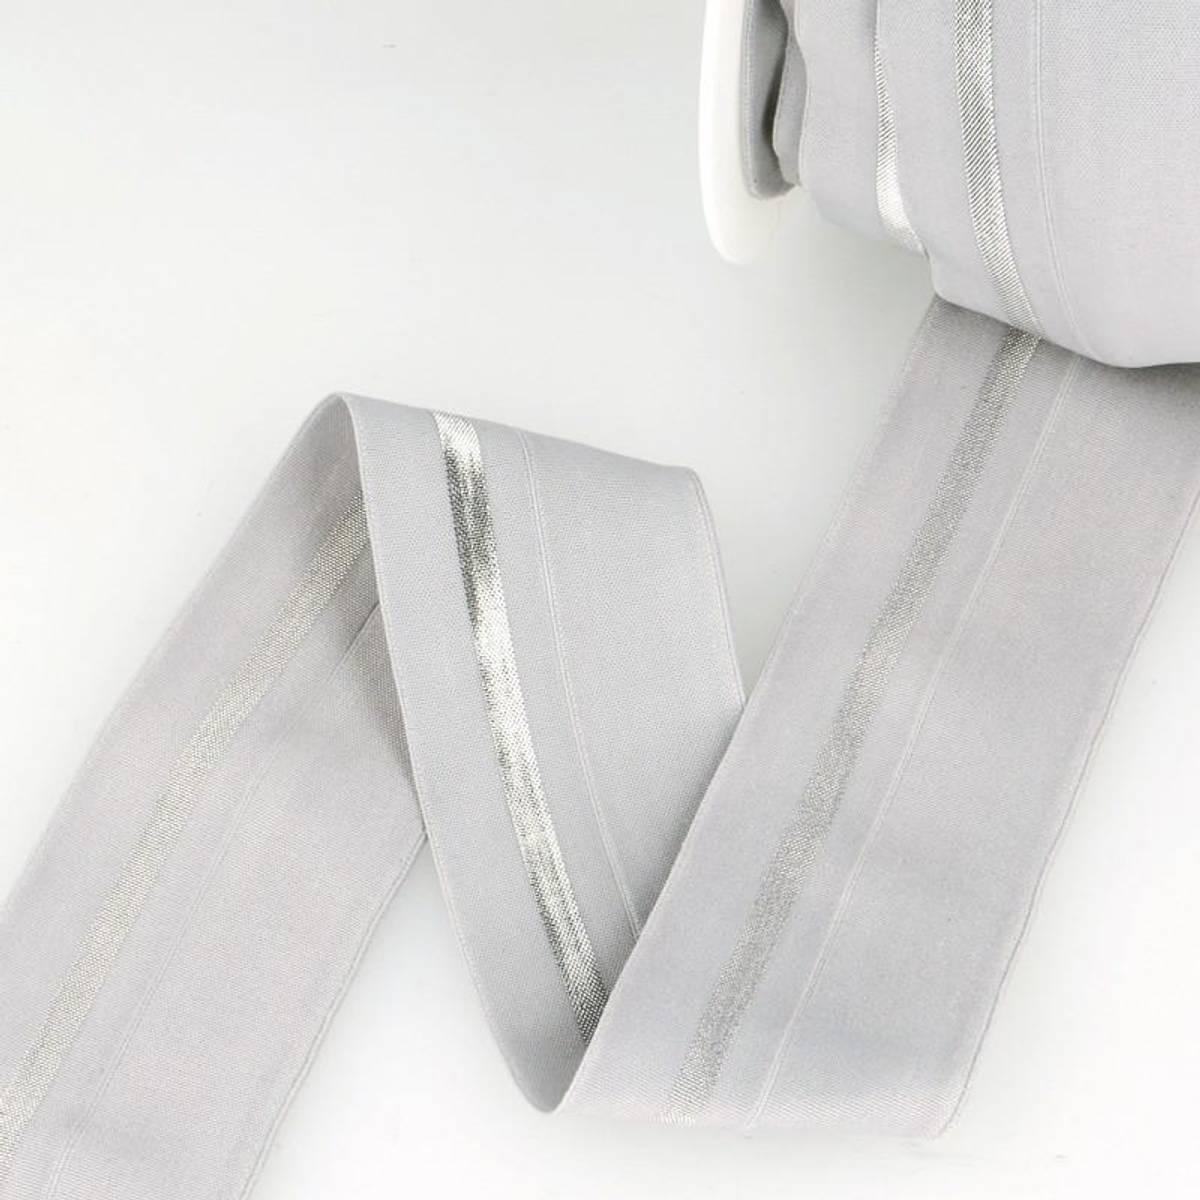 Foldeelastikk 40mm, grå/sølv